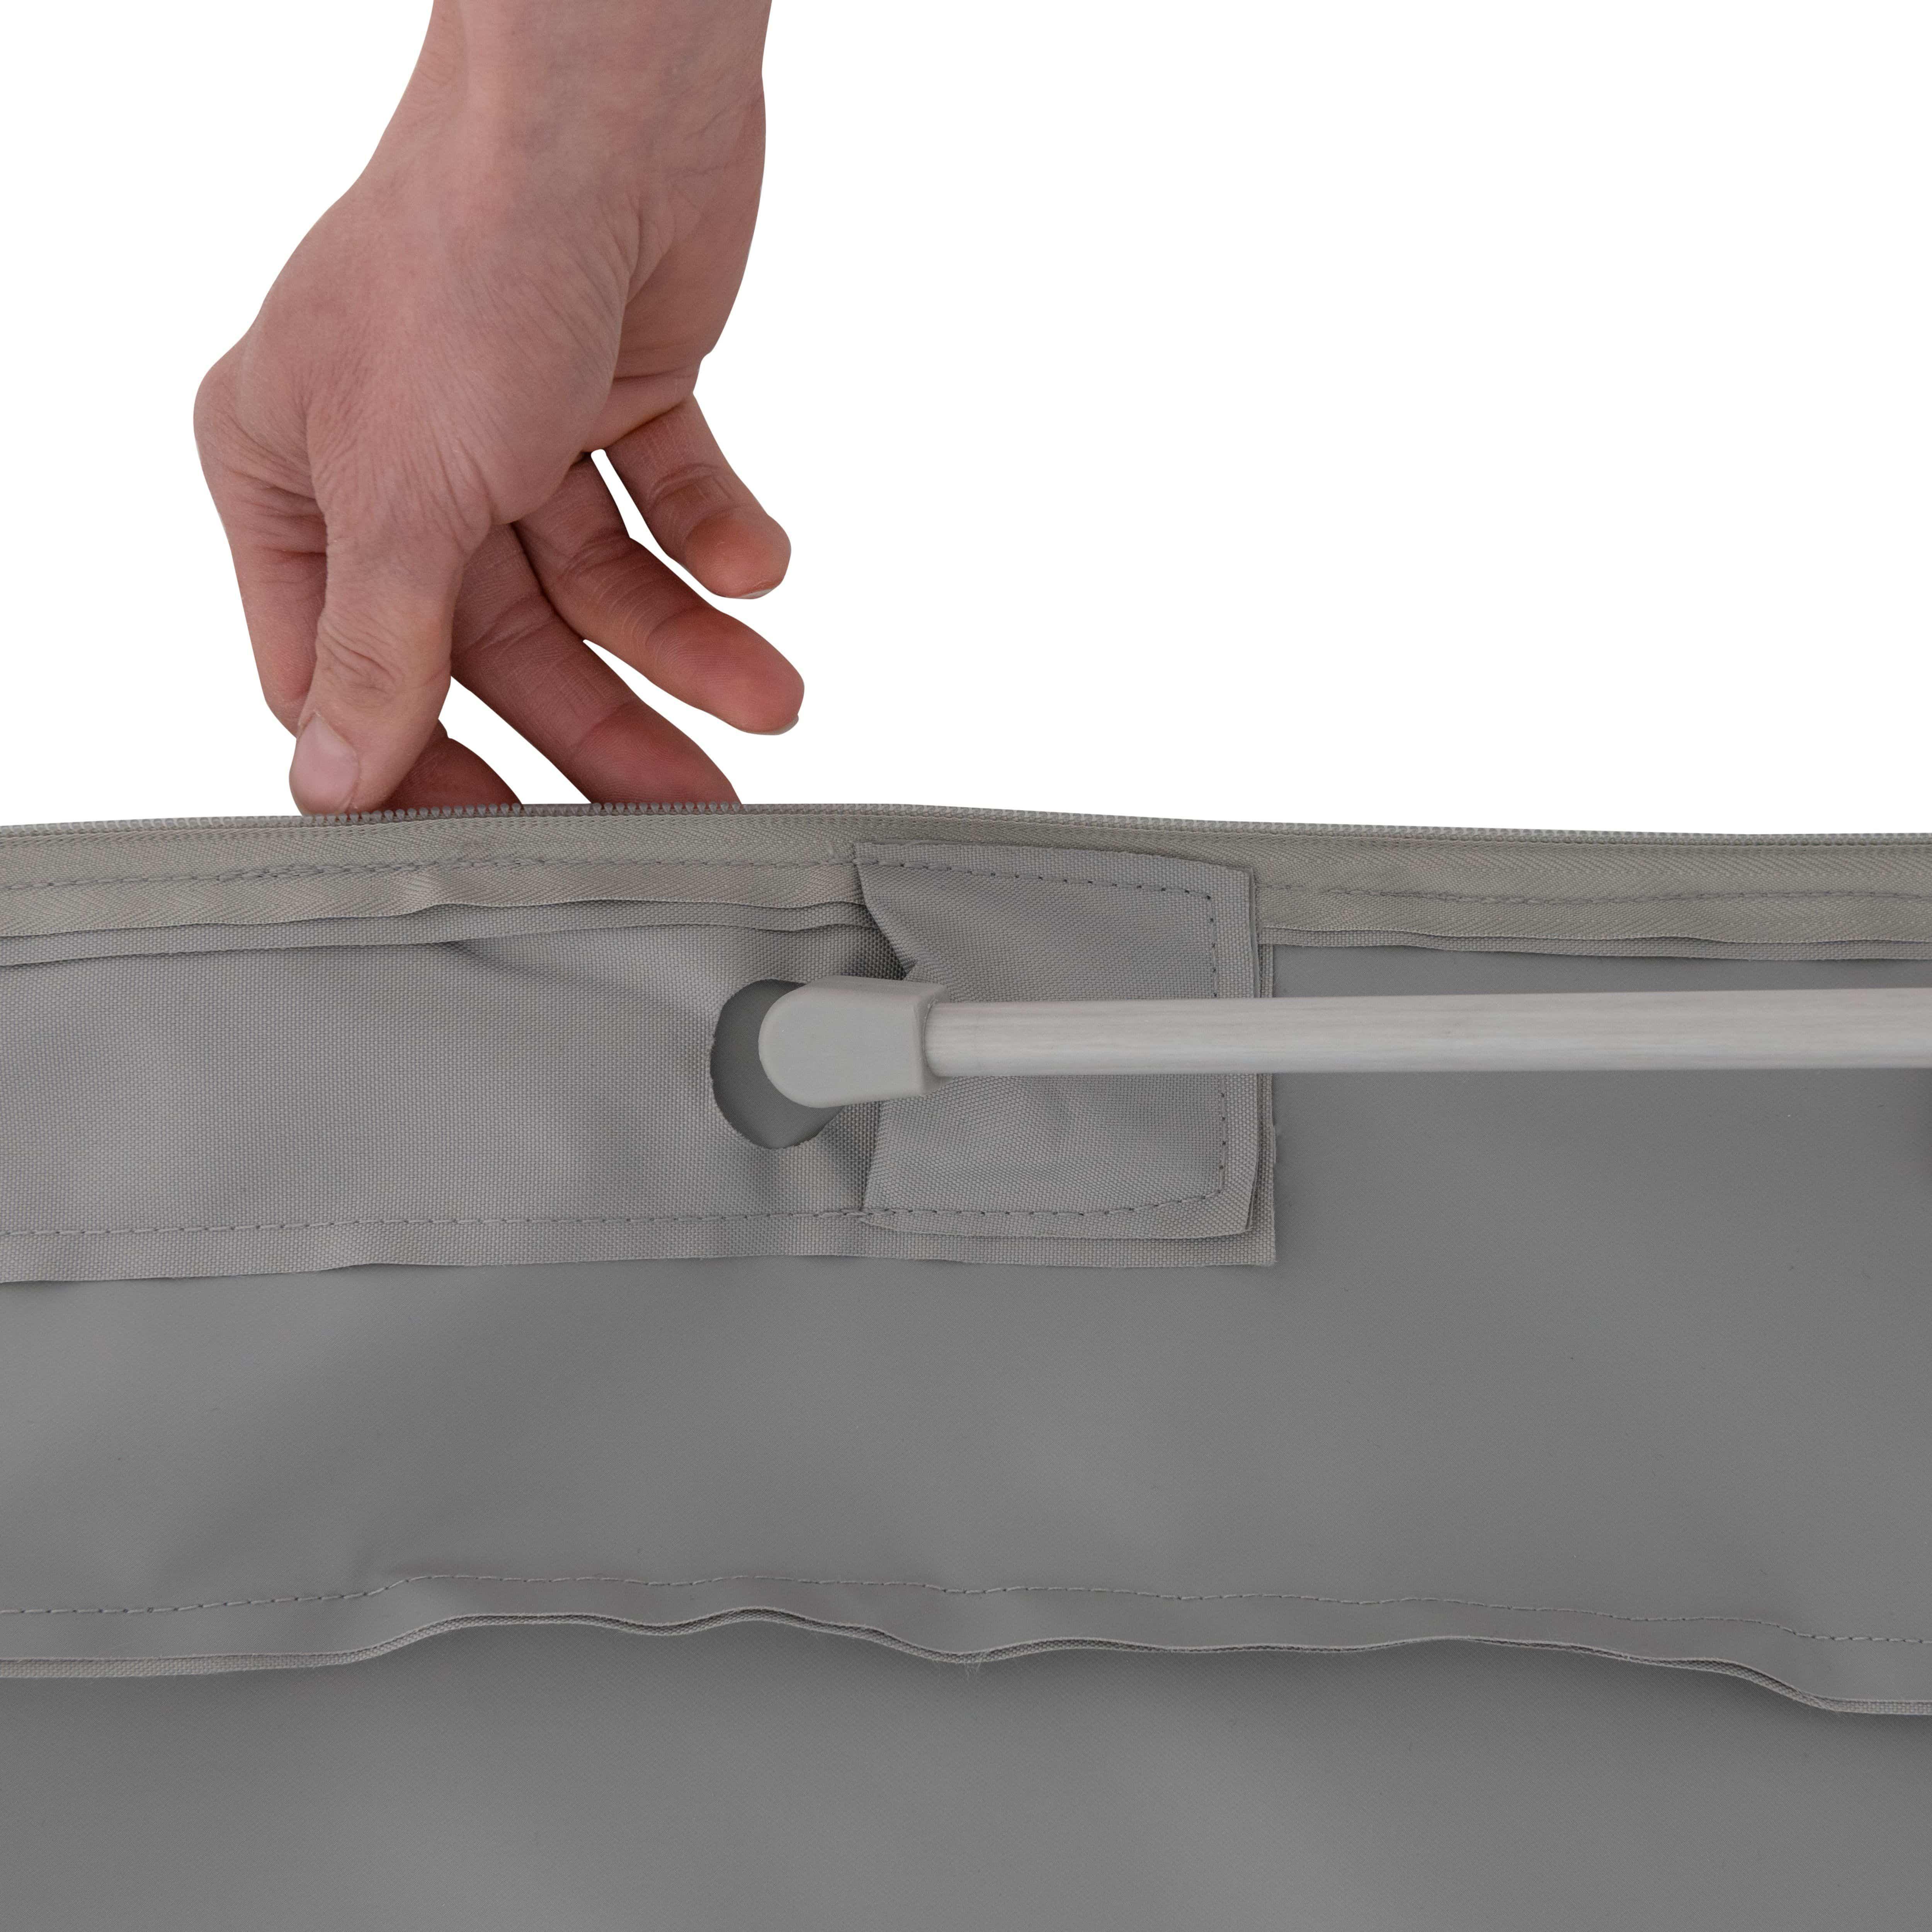 Knirps Parasol Schutzhülle für KNIRPS Pendelschirm 275x275 mit RV und Stab - photo 5